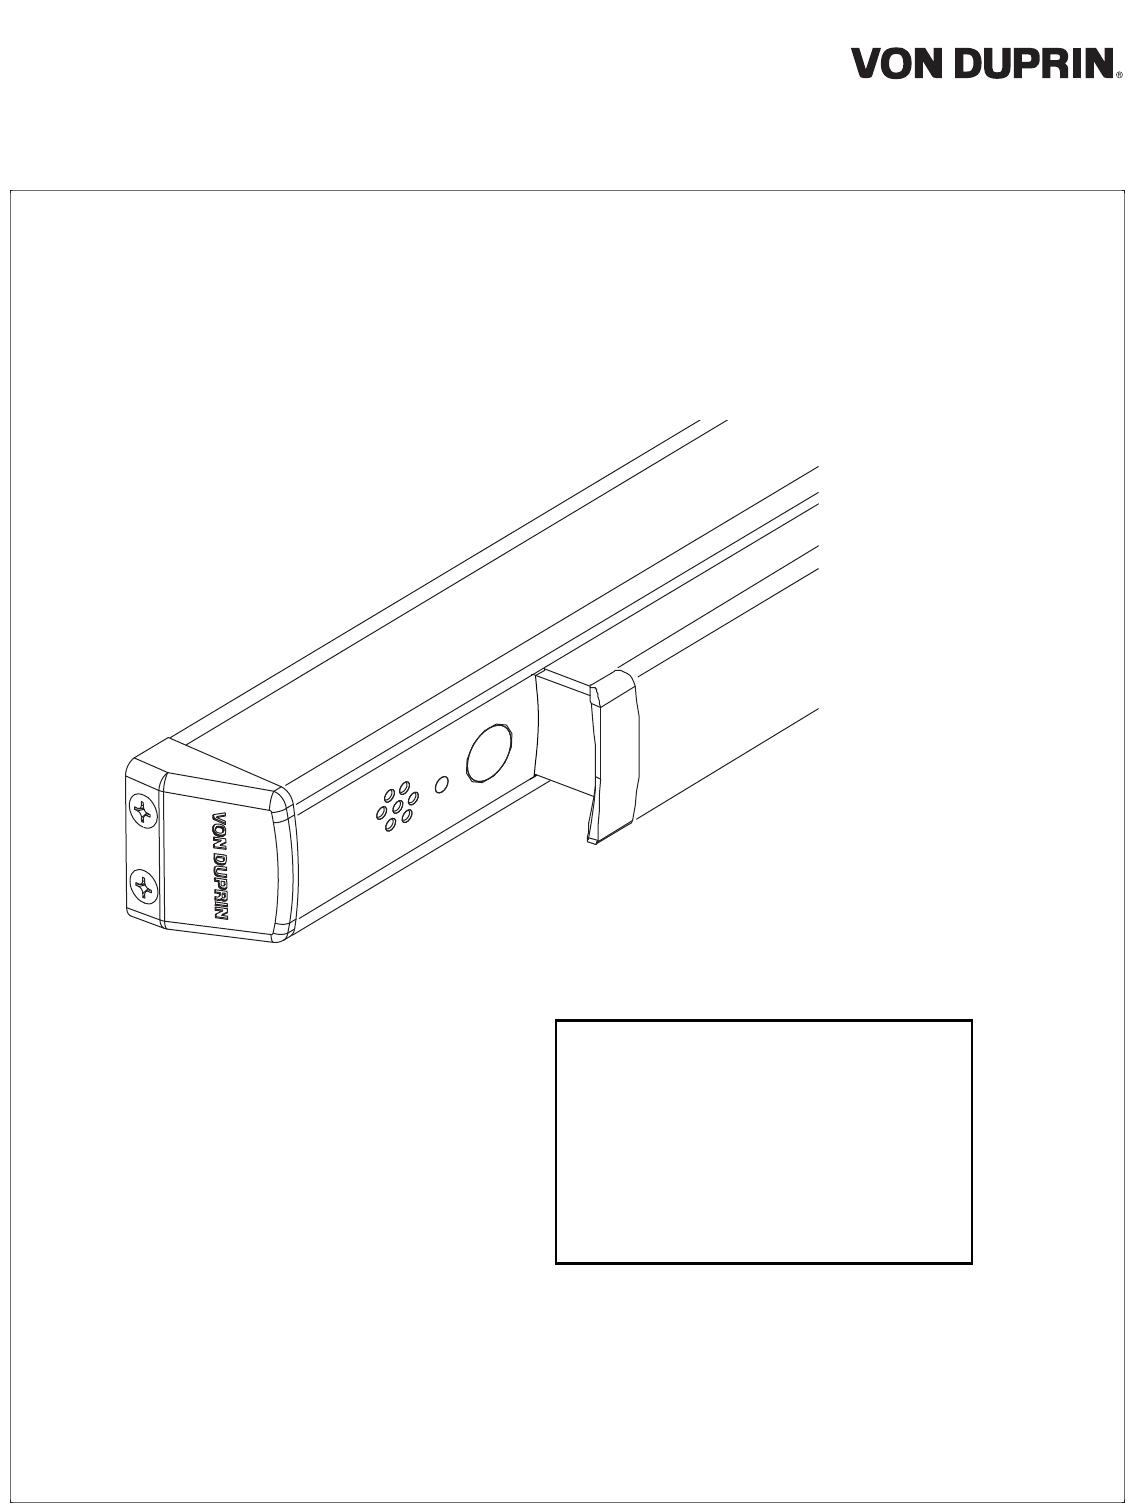 Von Duprin 941042 00_f 33/35/98/99 ALK Kit 107710